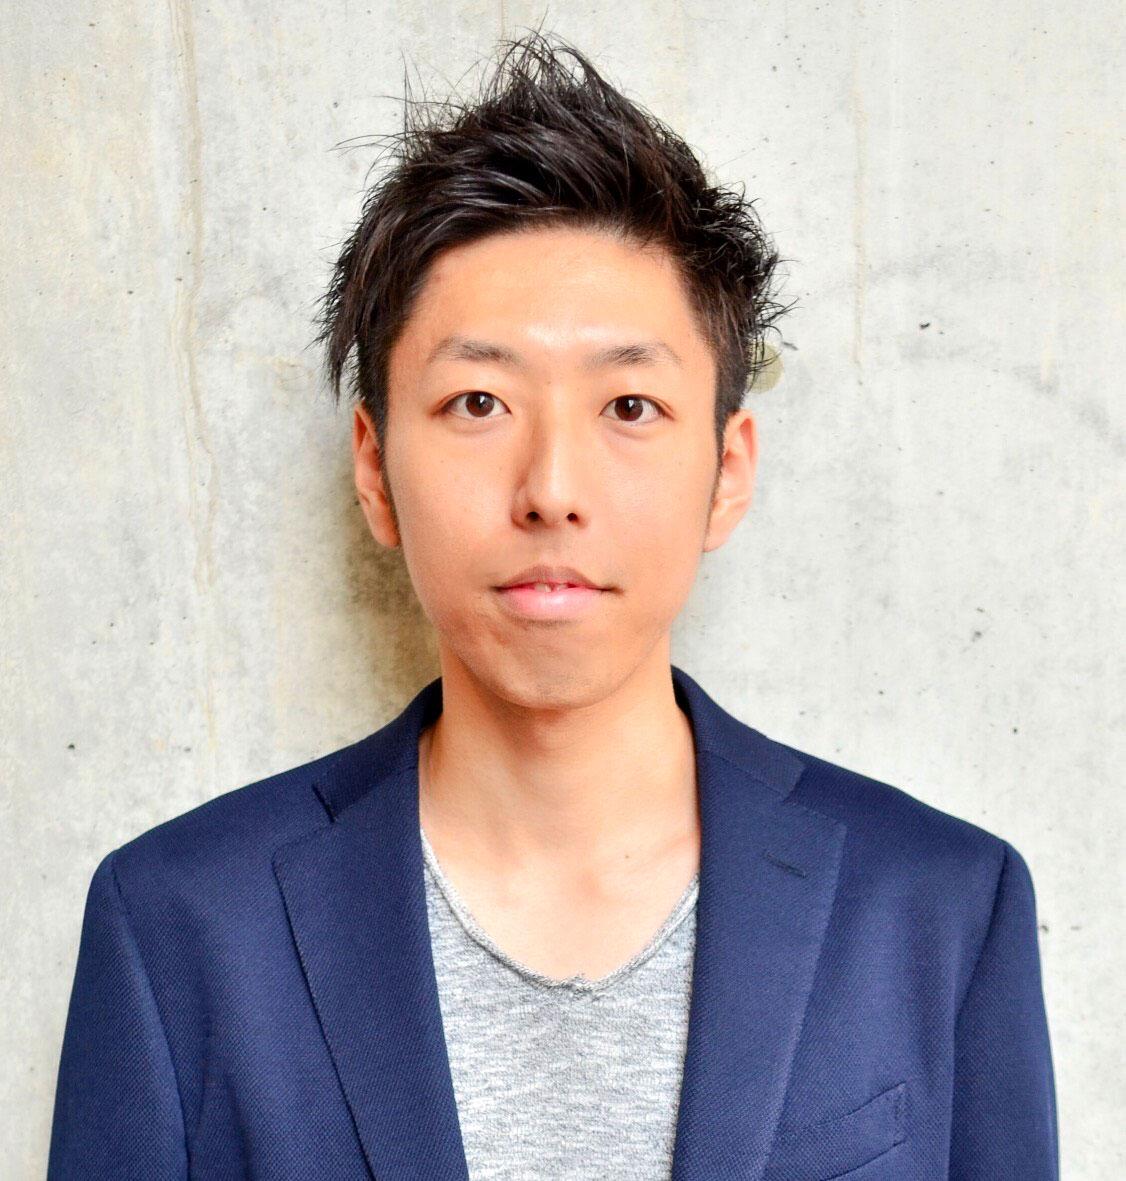 渡邉大晃profile